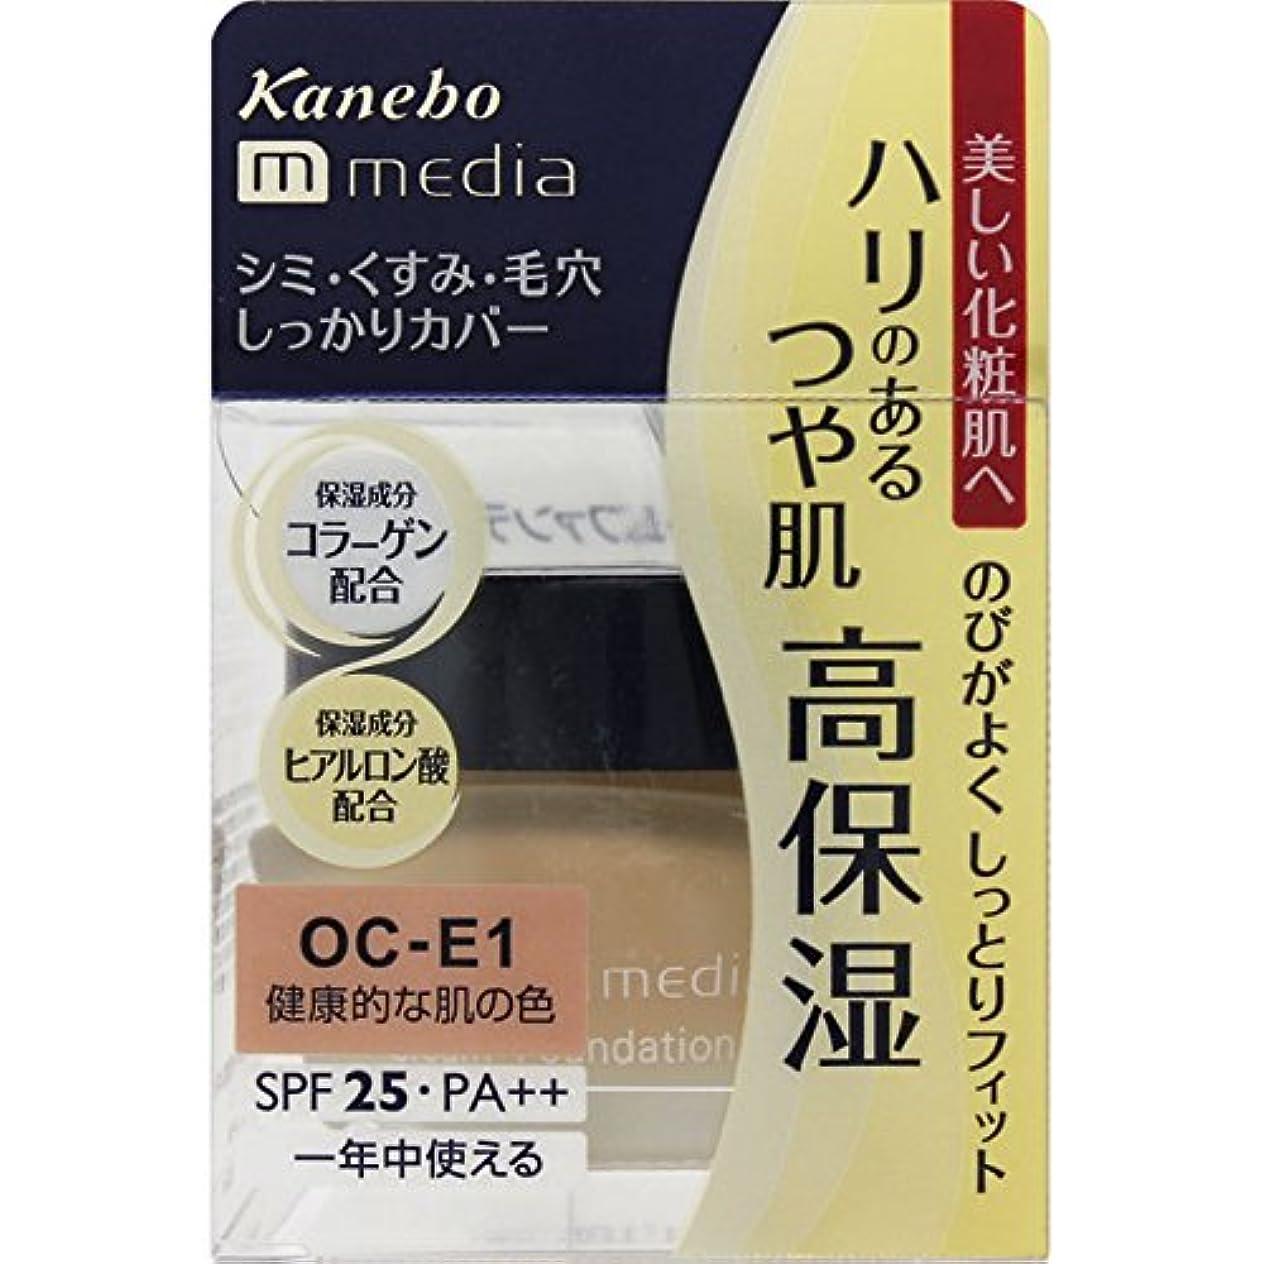 乏しいサイズ社会カネボウ media(メディア) クリームファンデーション OC-E1(健康的な肌の色)